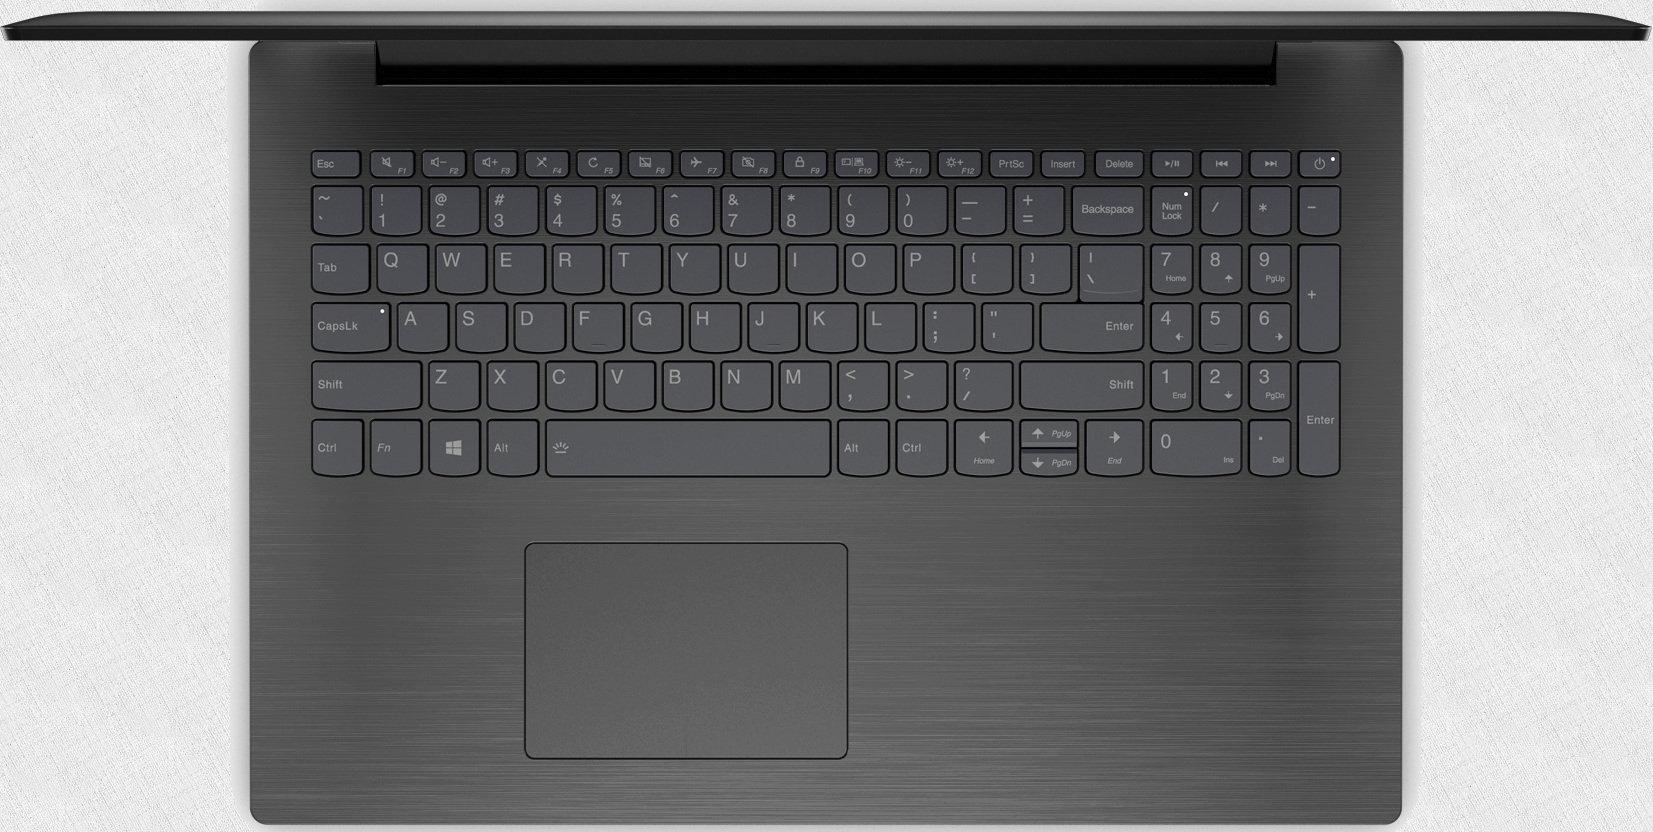 второй в рейтинге Lenovo 320-15ISK 80XH01U1RU